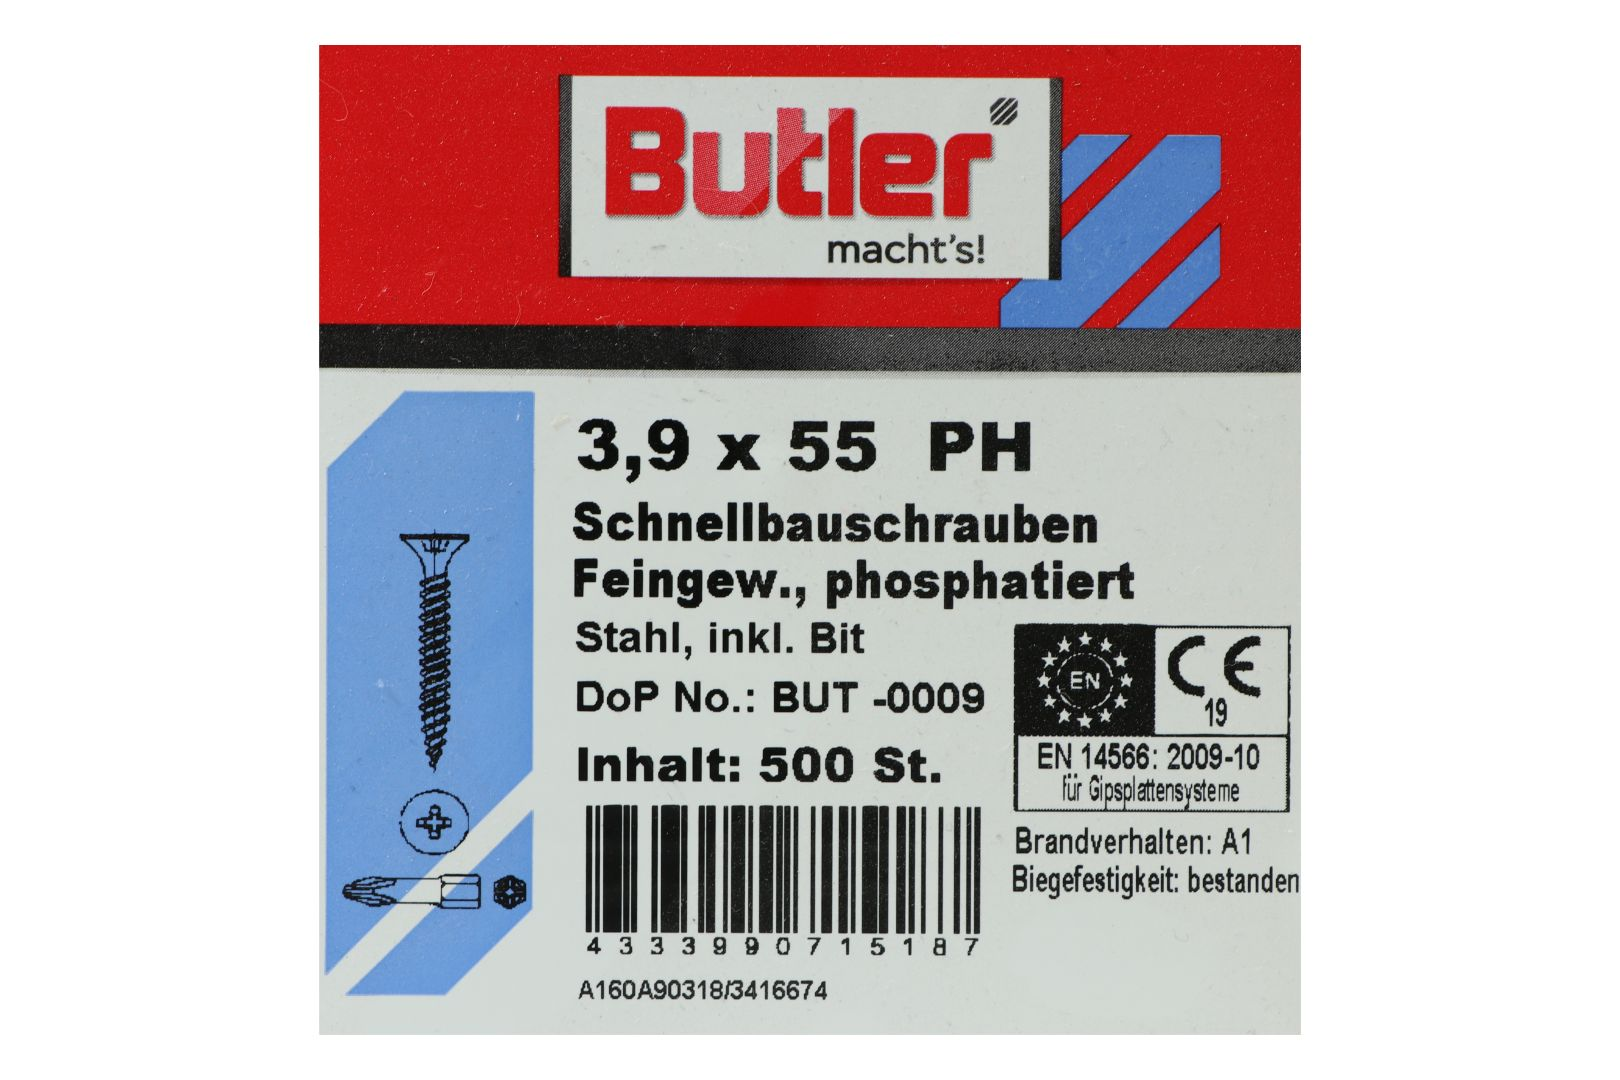 Butler macht's! Schnellbauschrauben inkl. Bit für Gipsplatten auf Metall bis 0,6 mm, Feingewinde, PH2, 3,9 x 55 mm, 500 Stück